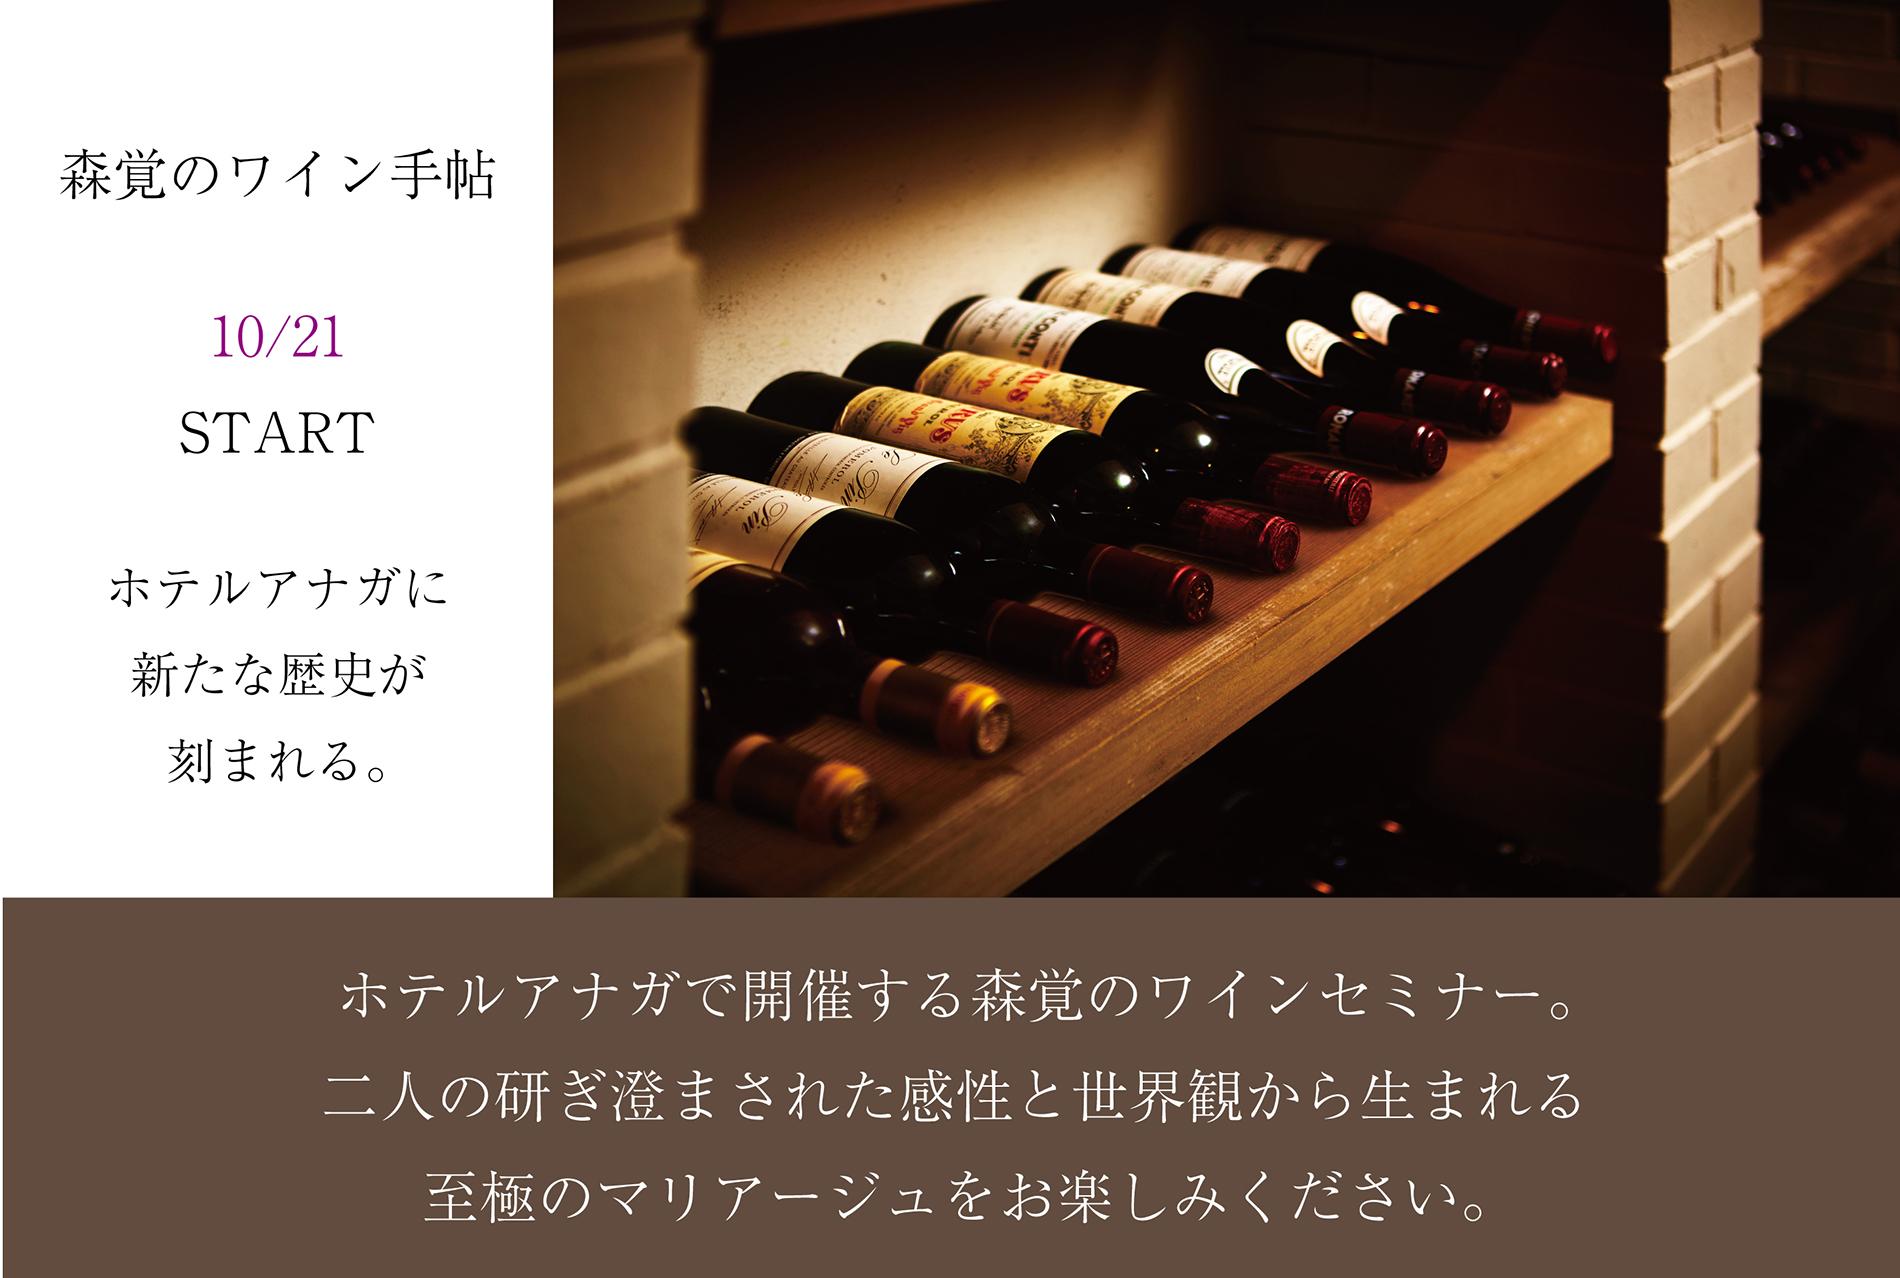 森覚のワインセミナーがスタート「森覚のワイン手帖」